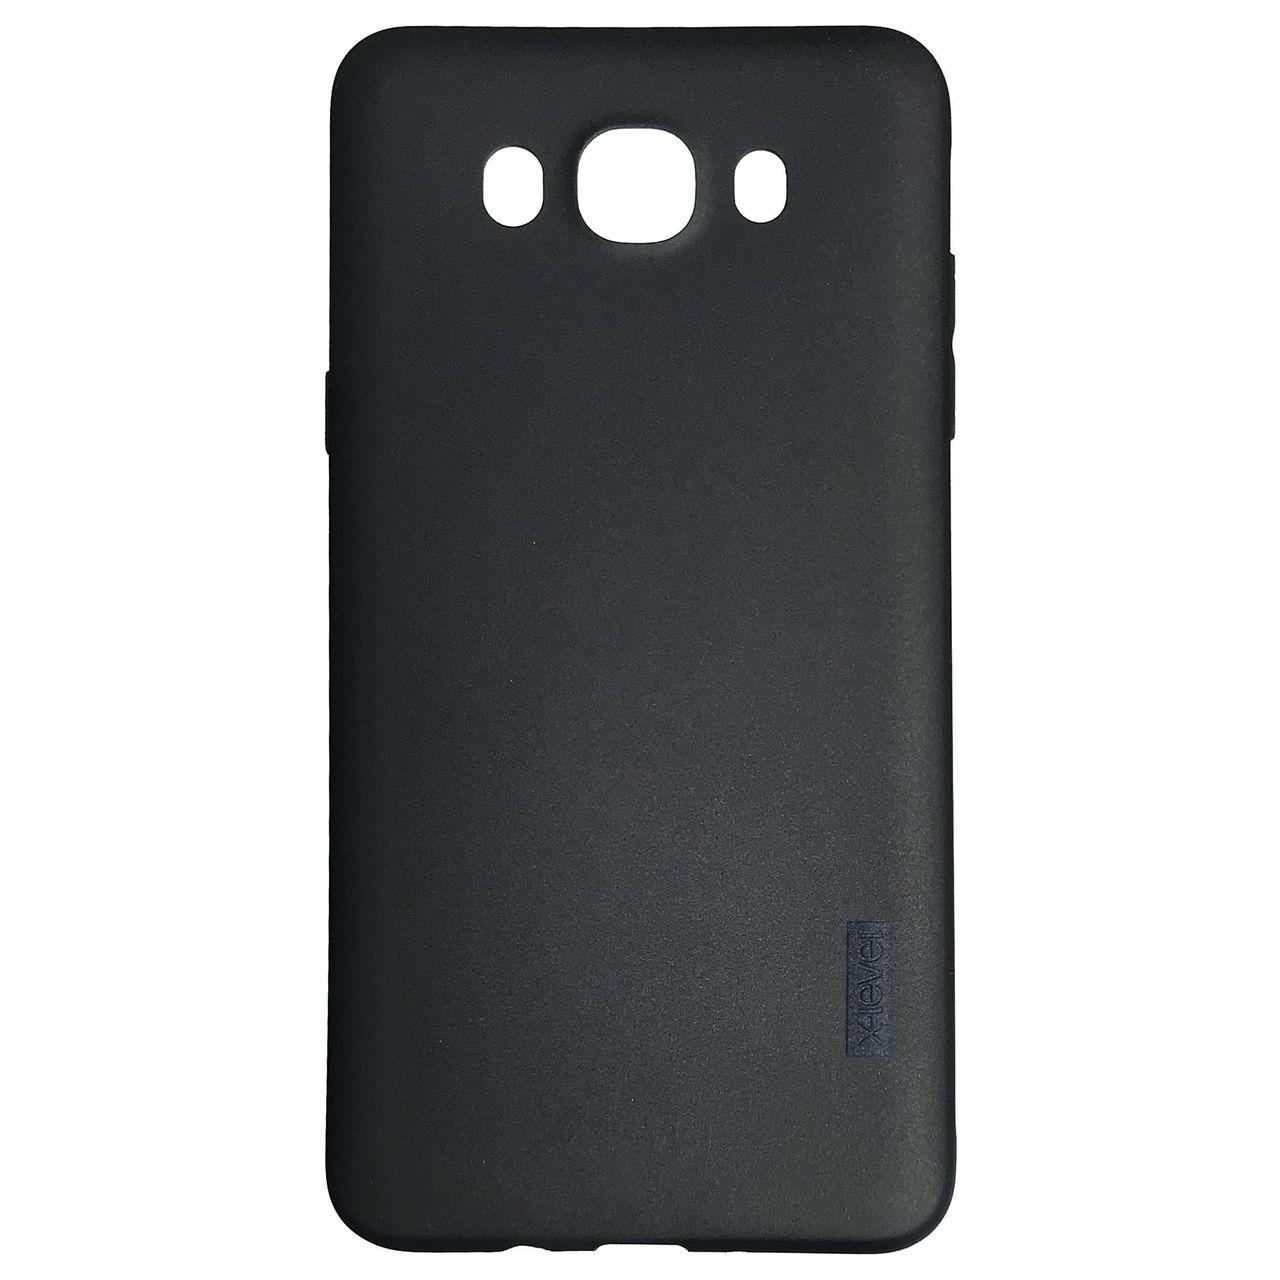 کاور ایکس لول مدل AS116005004-5 مناسب برای گوشی موبایل سامسونگ 2016 Galaxy J7